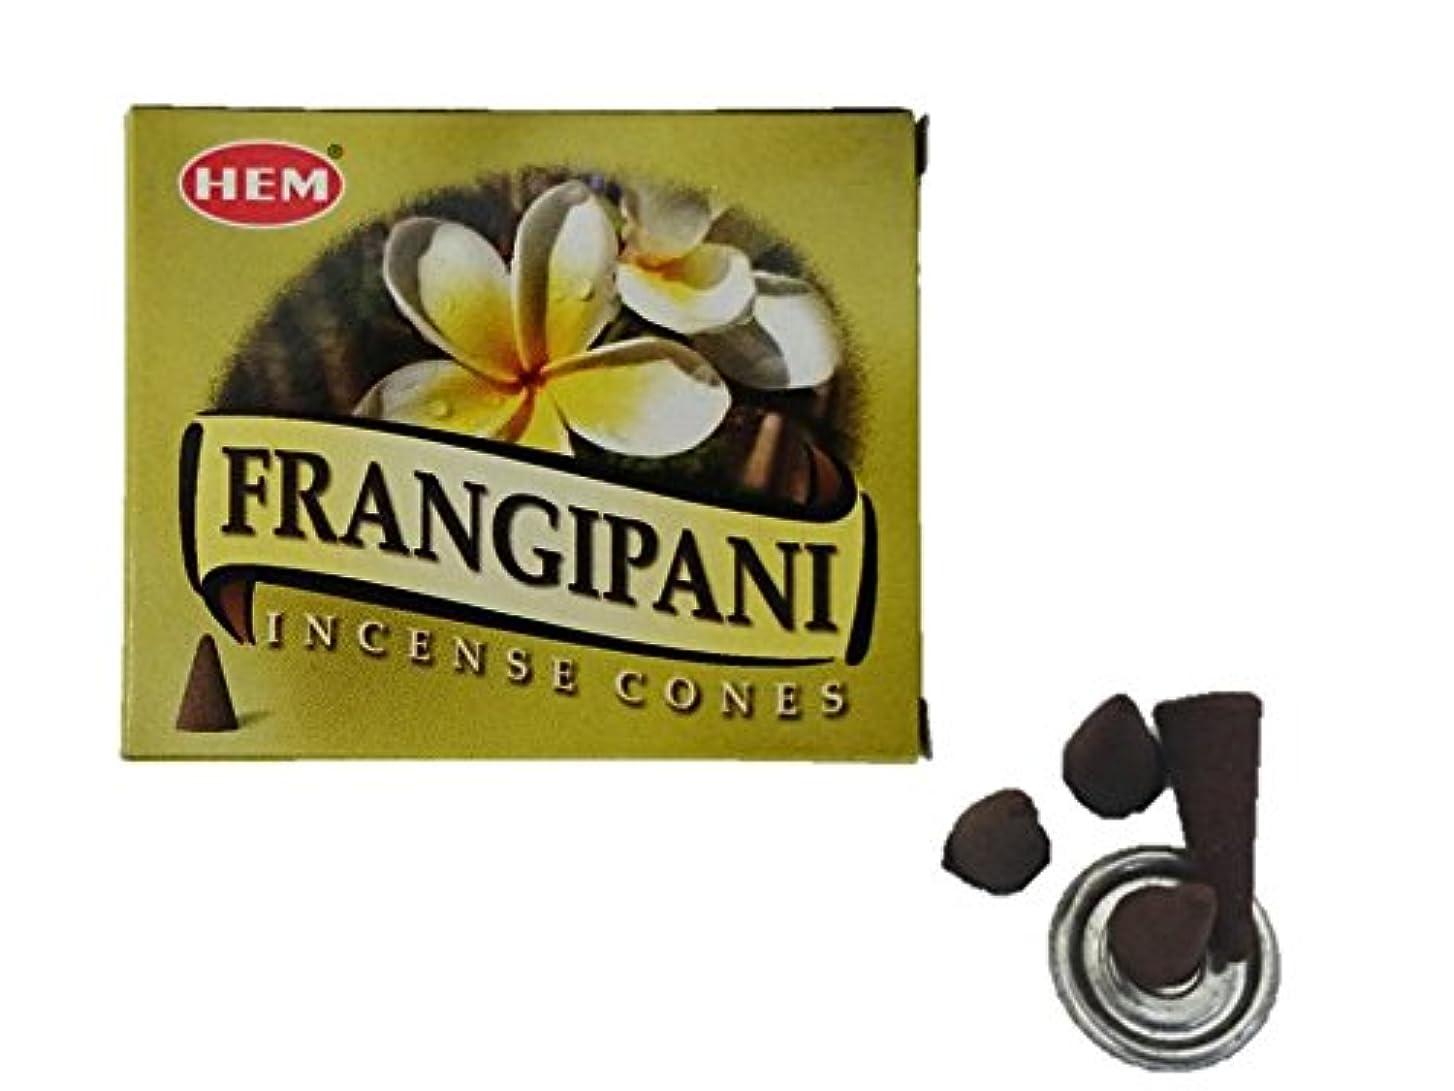 価値のない移住する罪悪感HEM(ヘム)お香 フランジパニ コーン 1箱